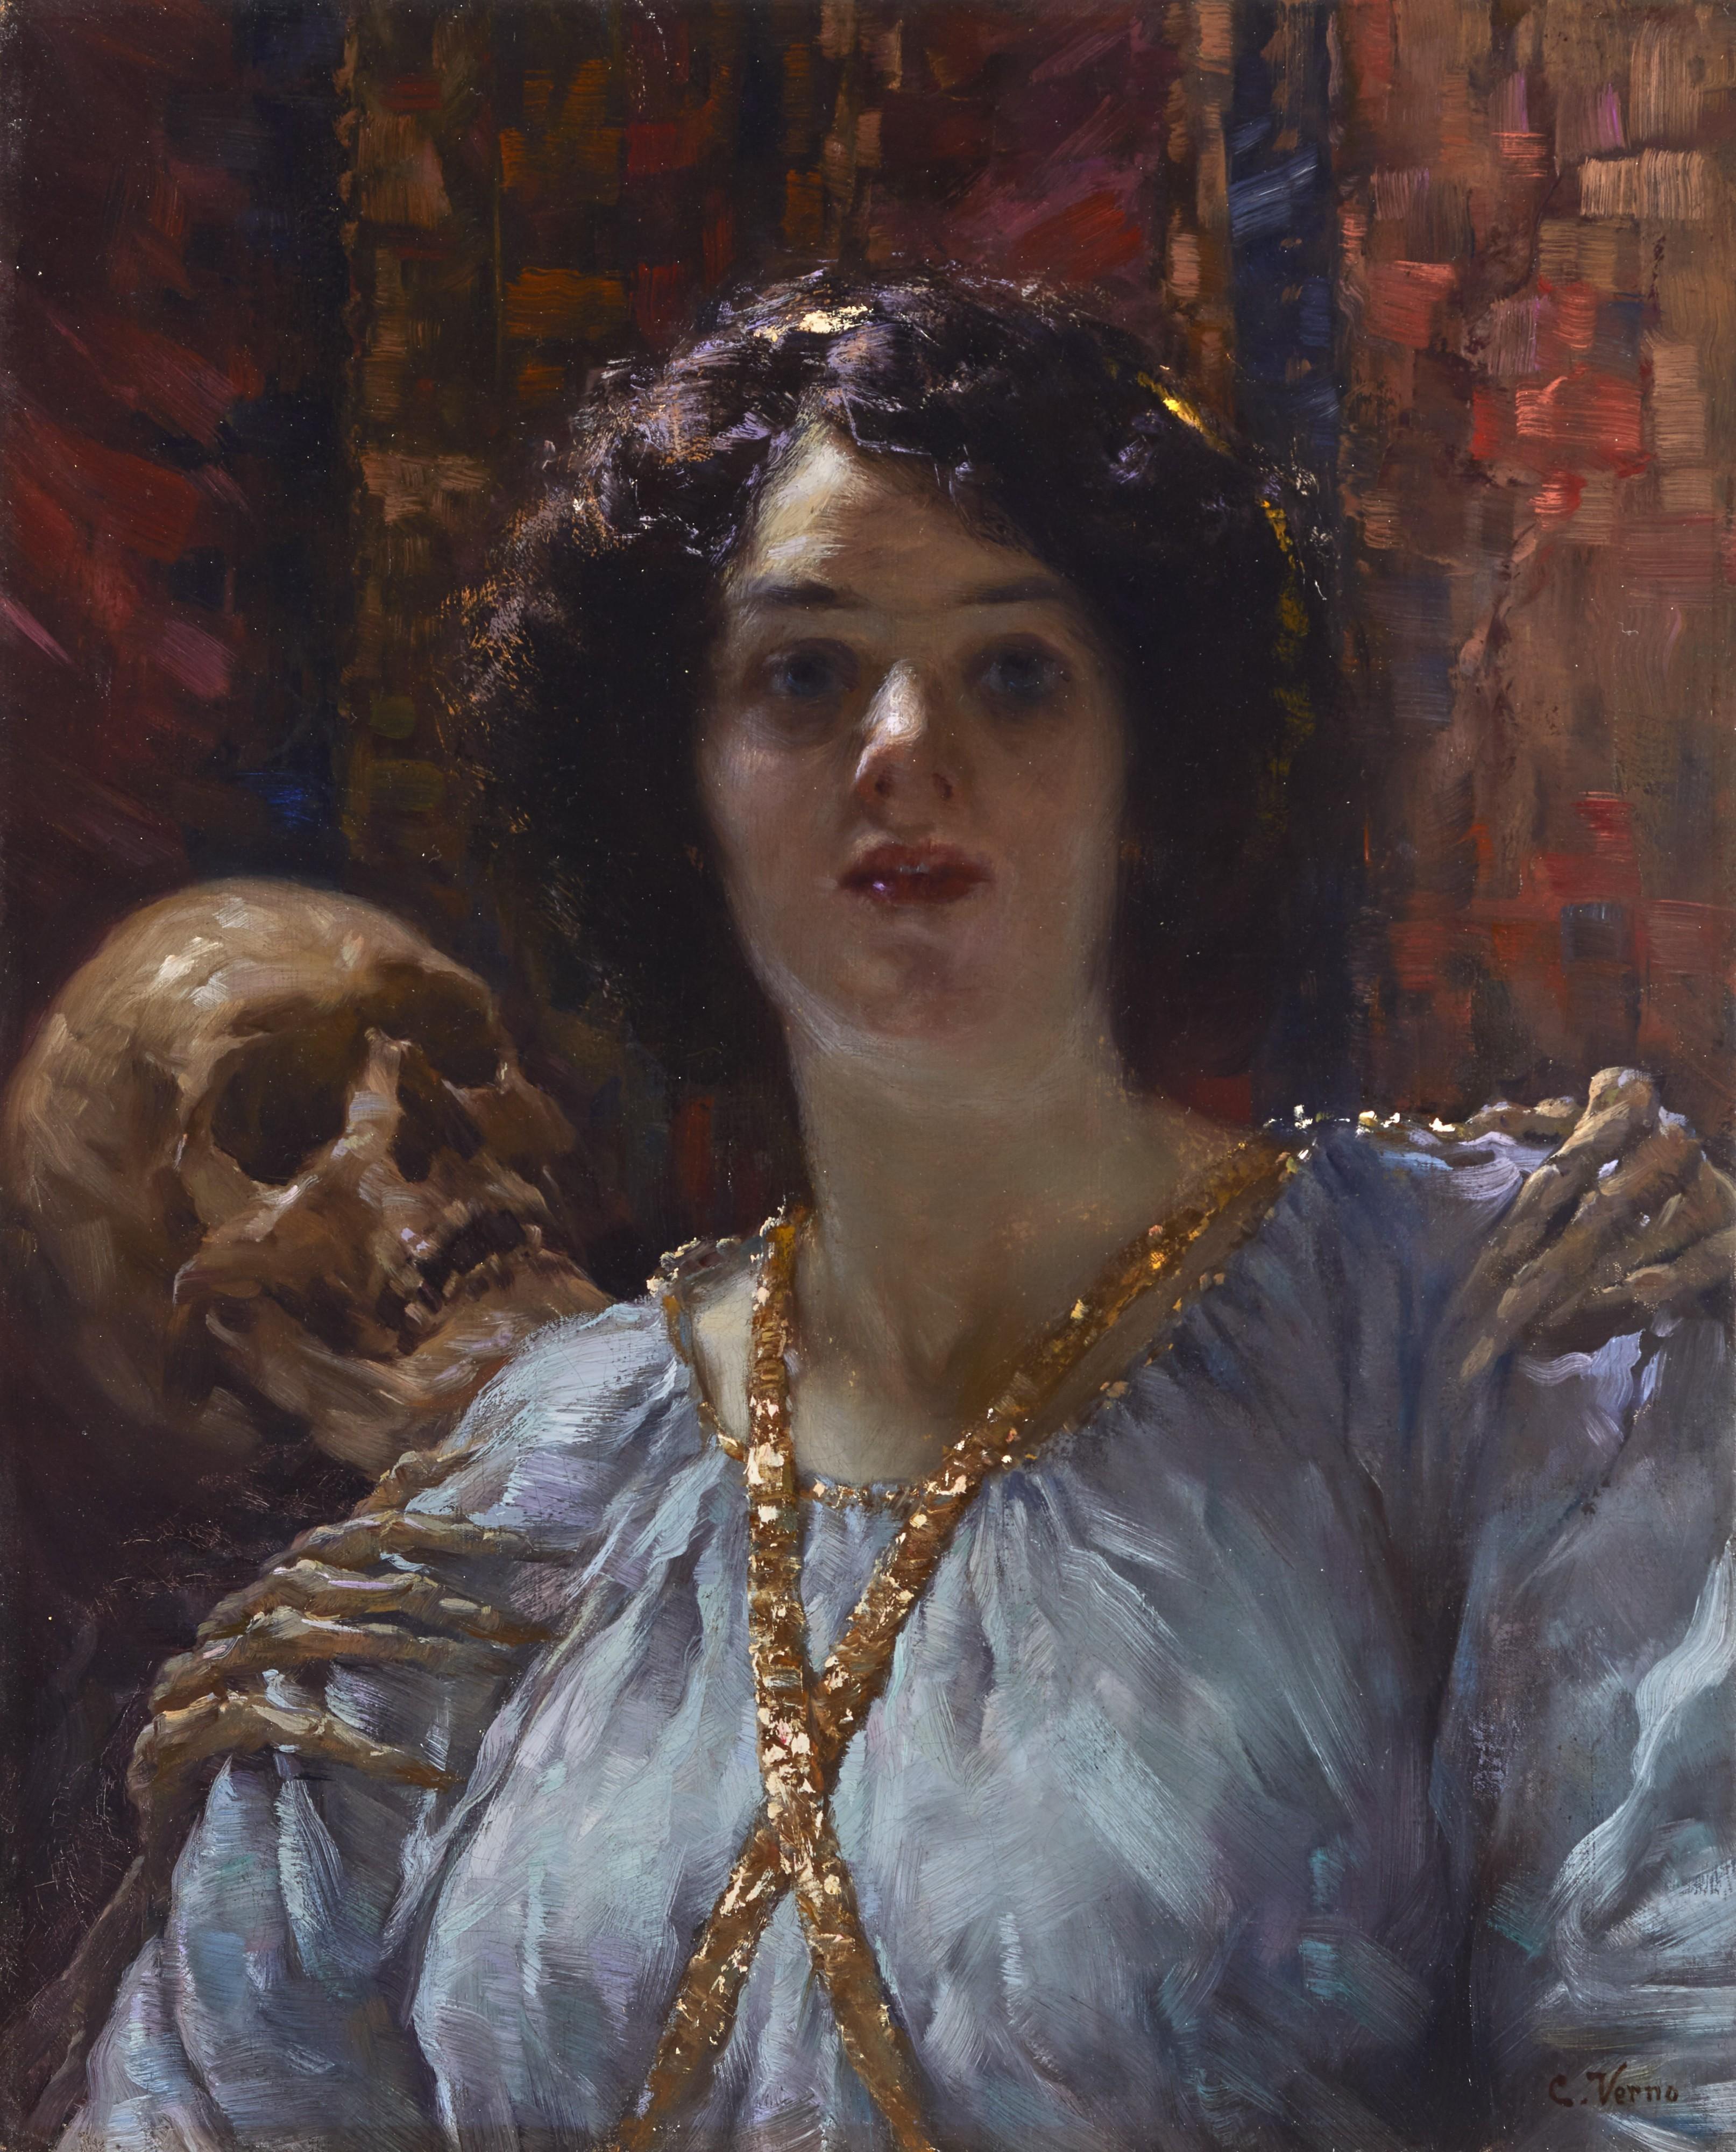 verno-camillo 1900 ca -death-and-the-maiden coll priv